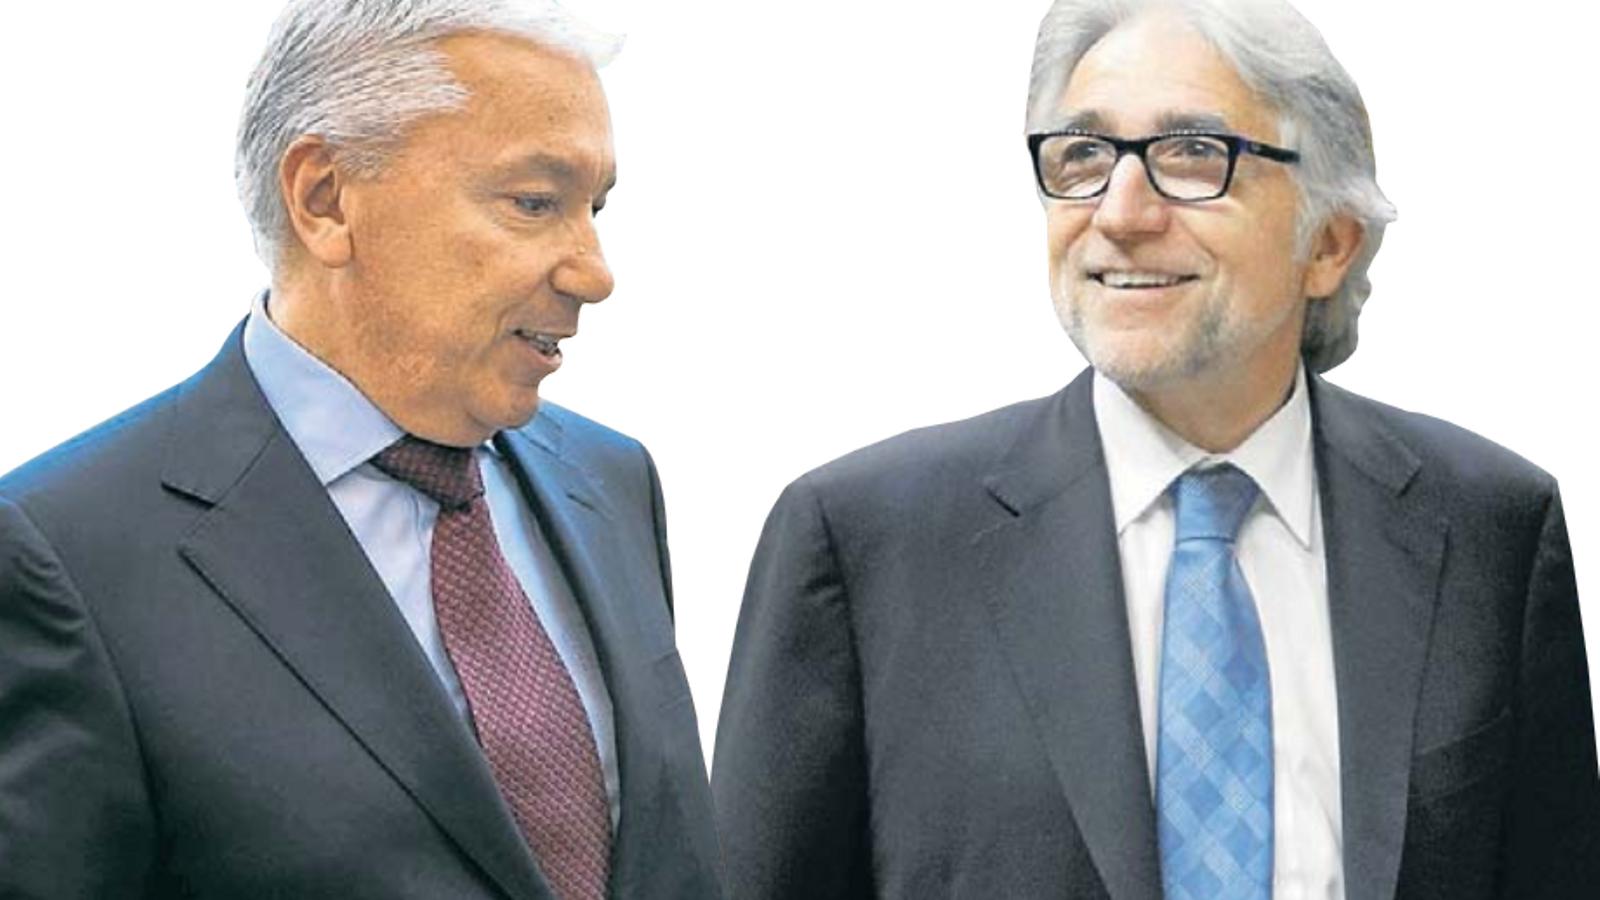 Antoni Abad i Josep Sánchez-Llibre, dos possibles candidats.